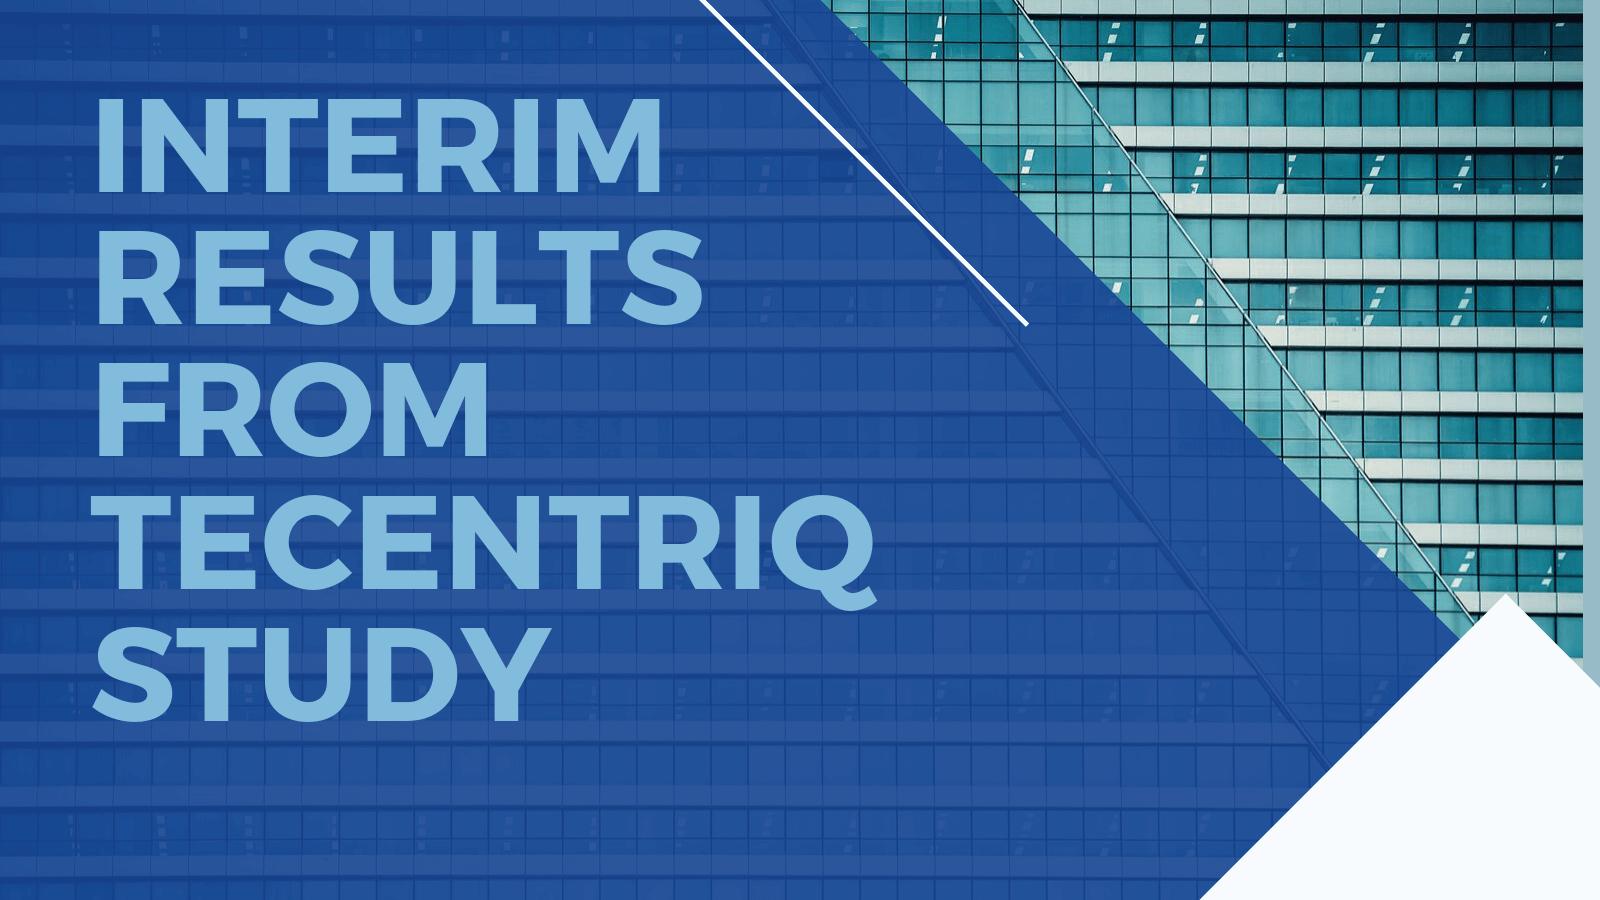 Interim results from Tecentriq study